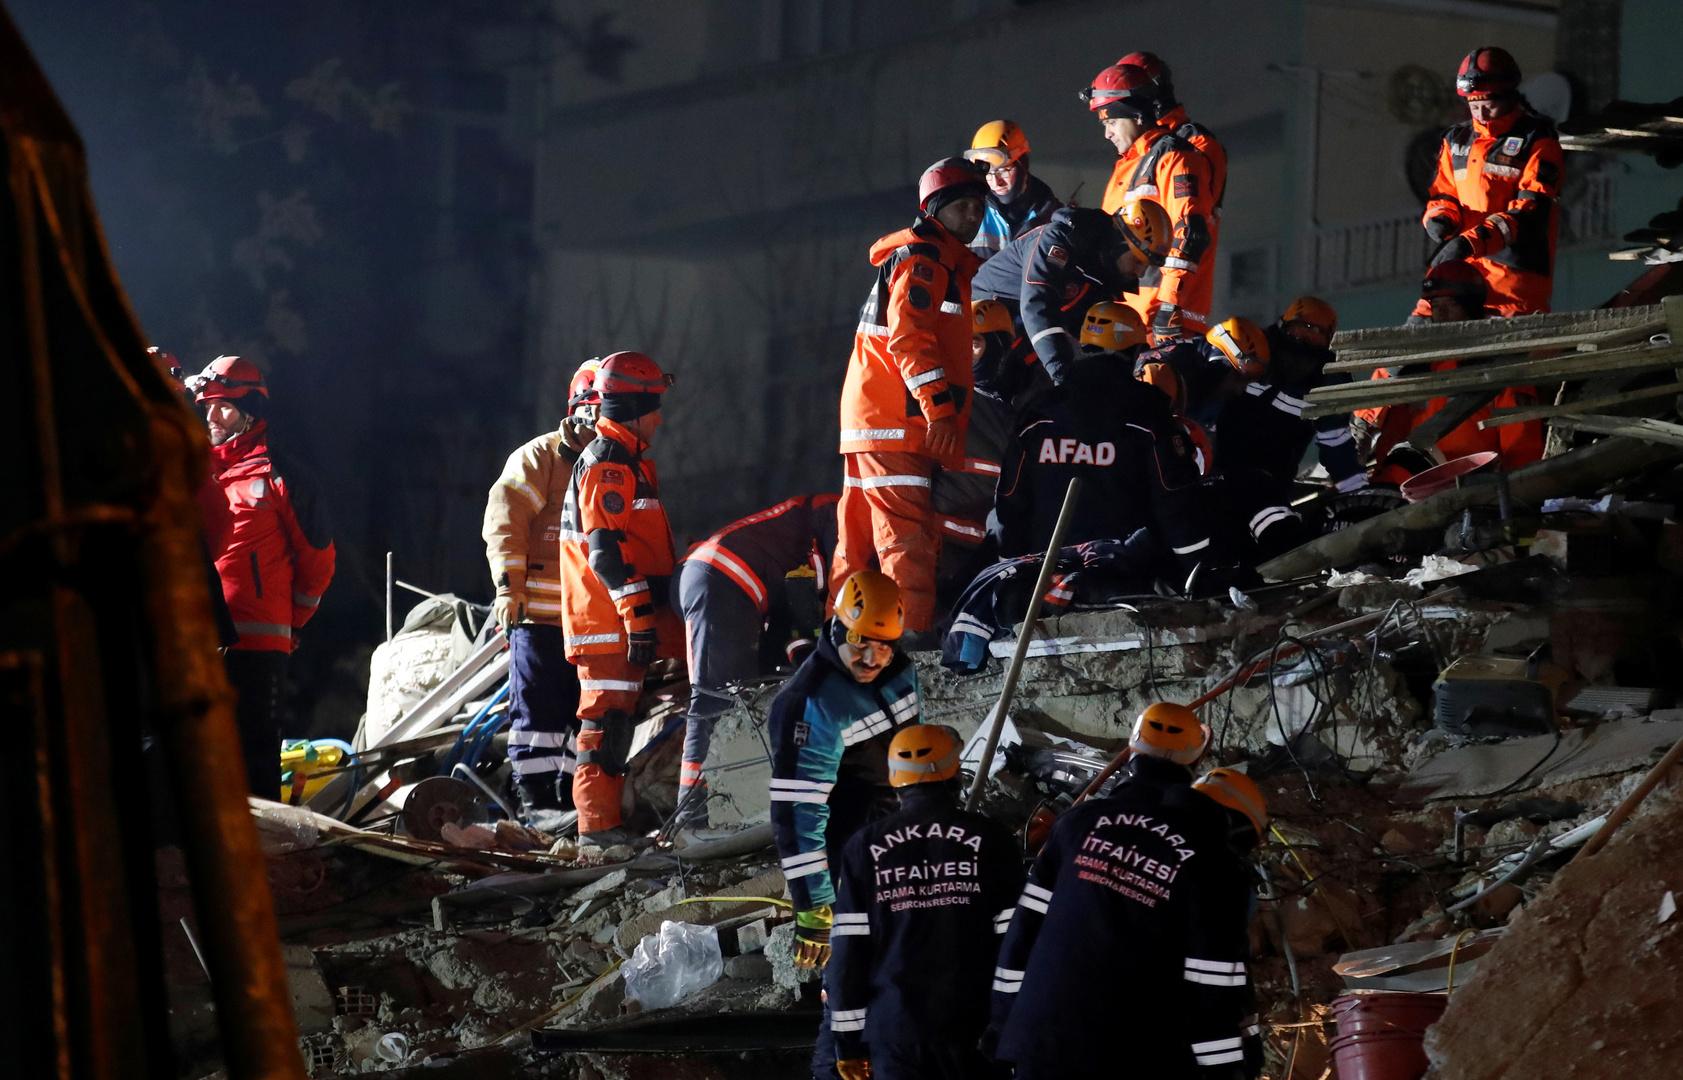 ارتفاع عدد قتلى زلزال تركيا إلى 31 شخصا